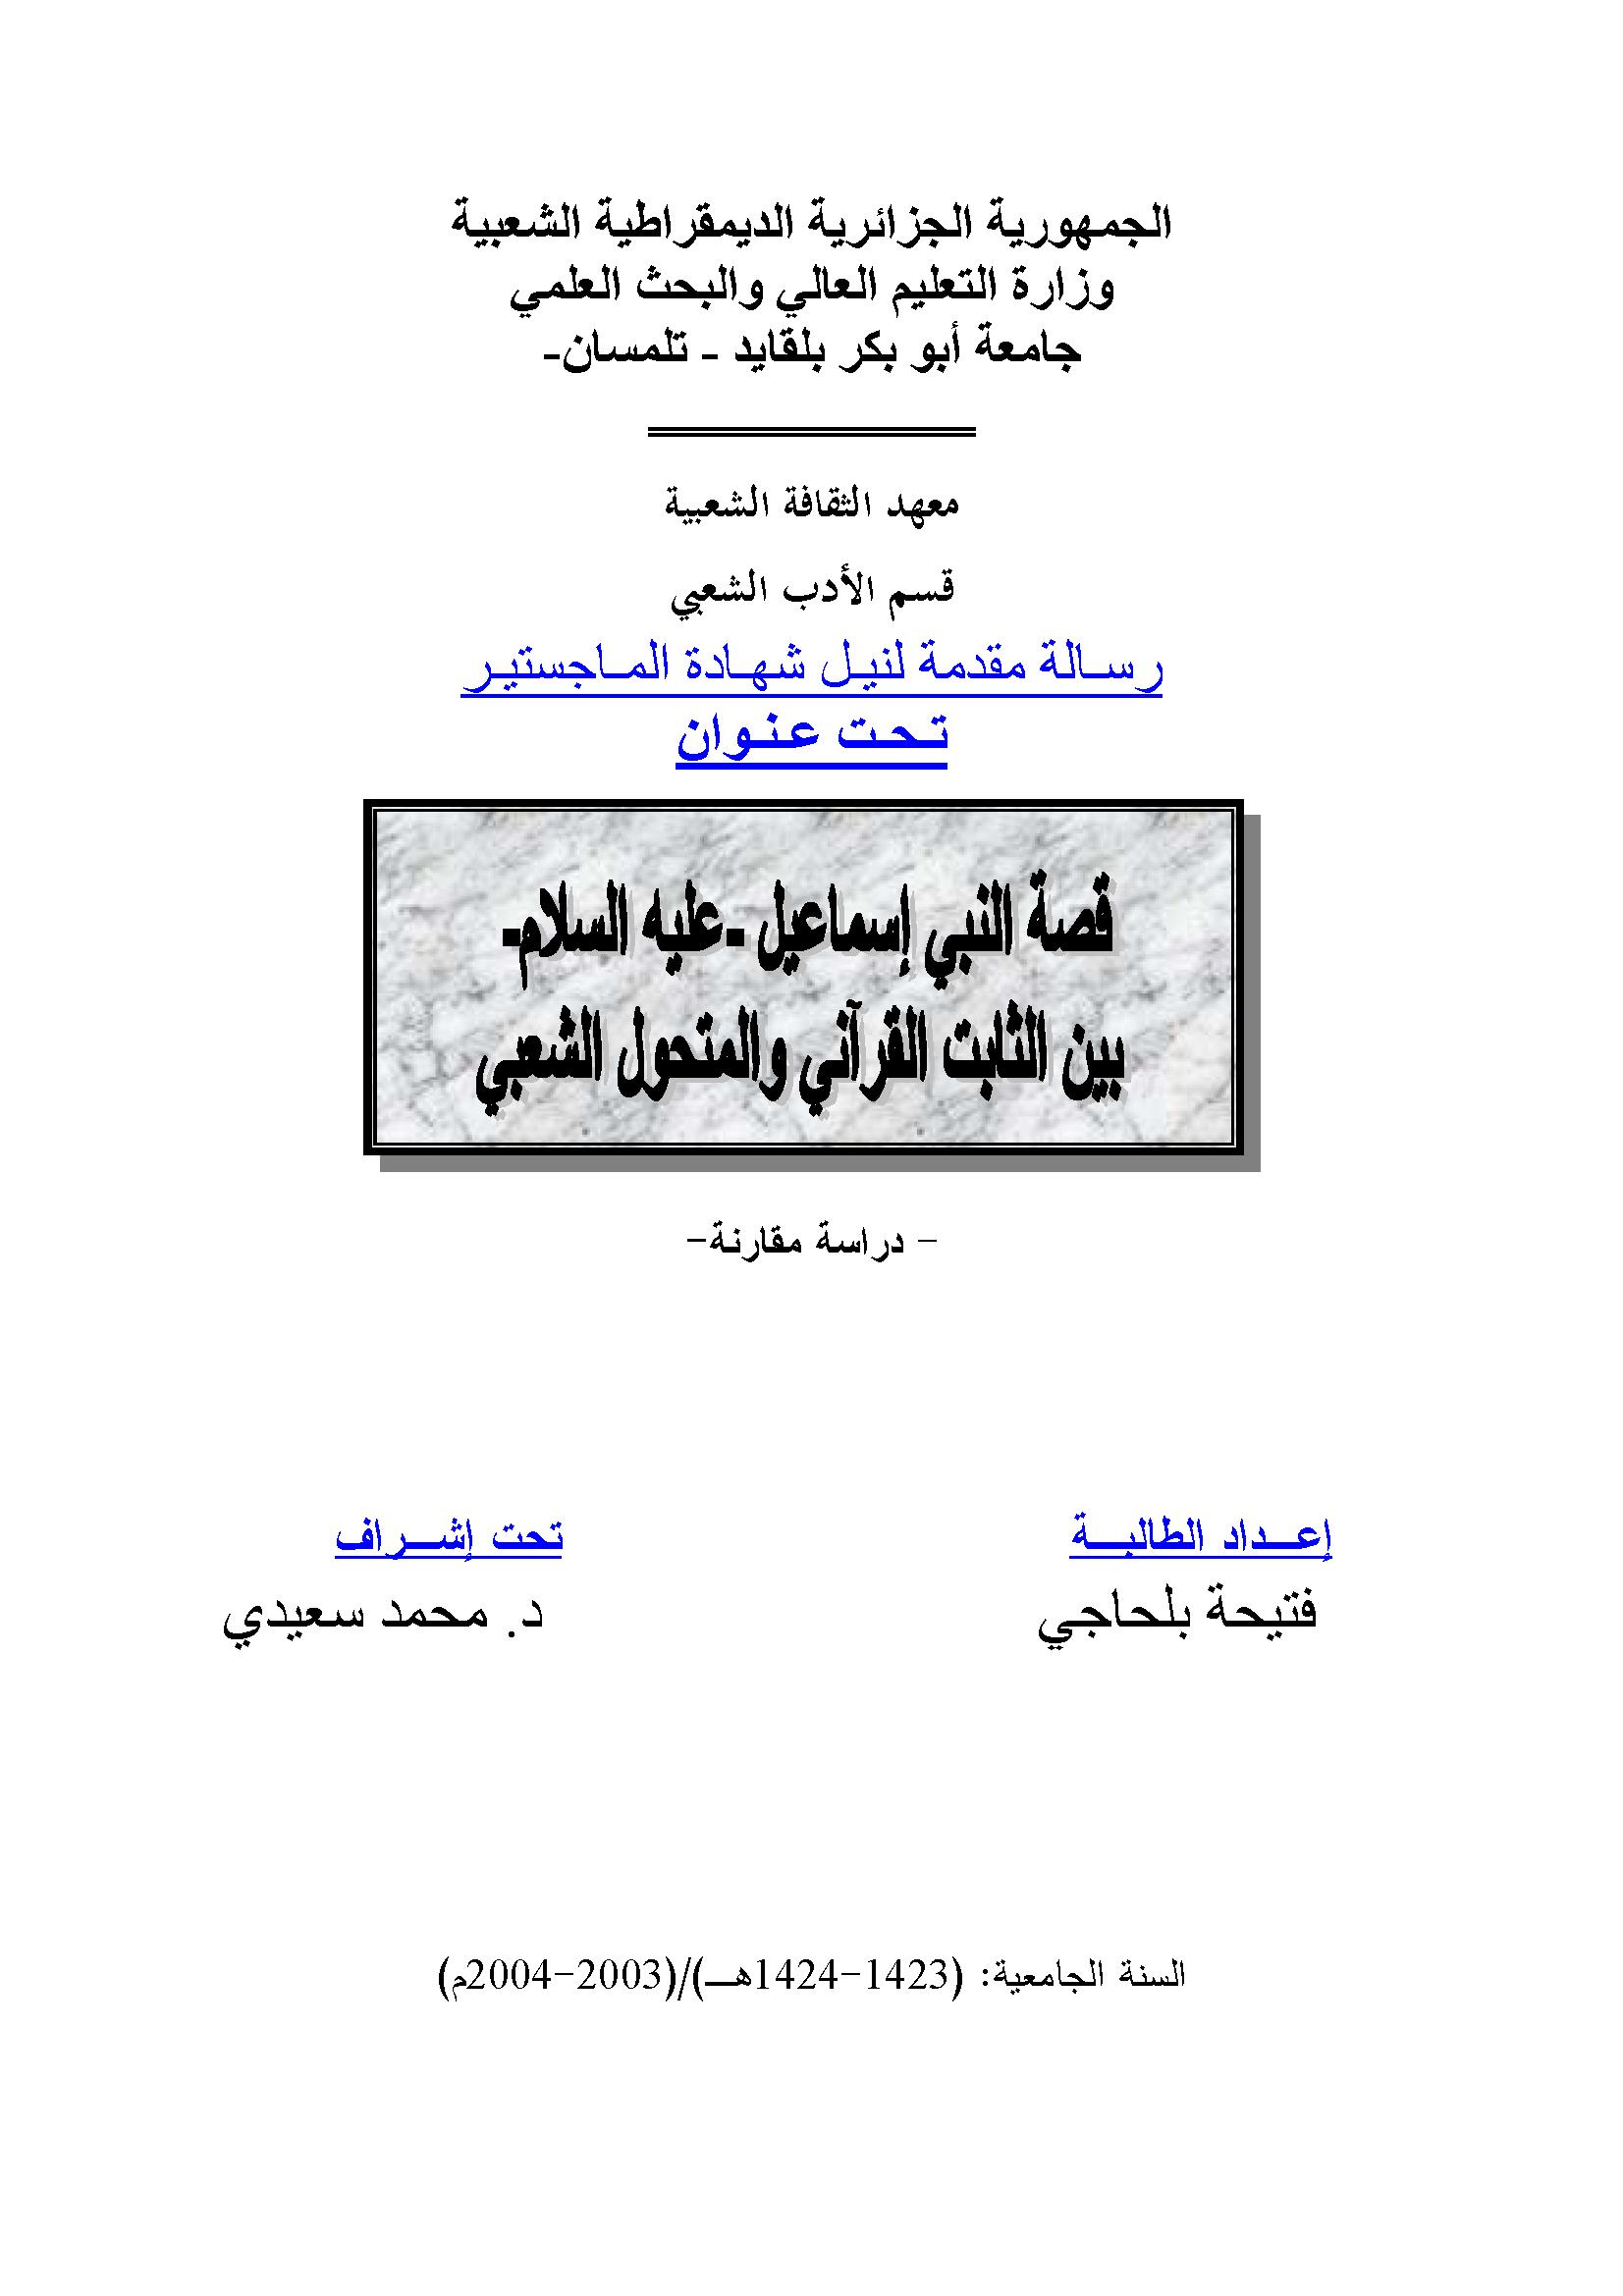 تحميل كتاب قصة النبي إسماعيل عليه السلام بين الثابت القرآني والمتحول الشعبي (دراسة مقارنة) لـِ: فتيحة بلحاجي